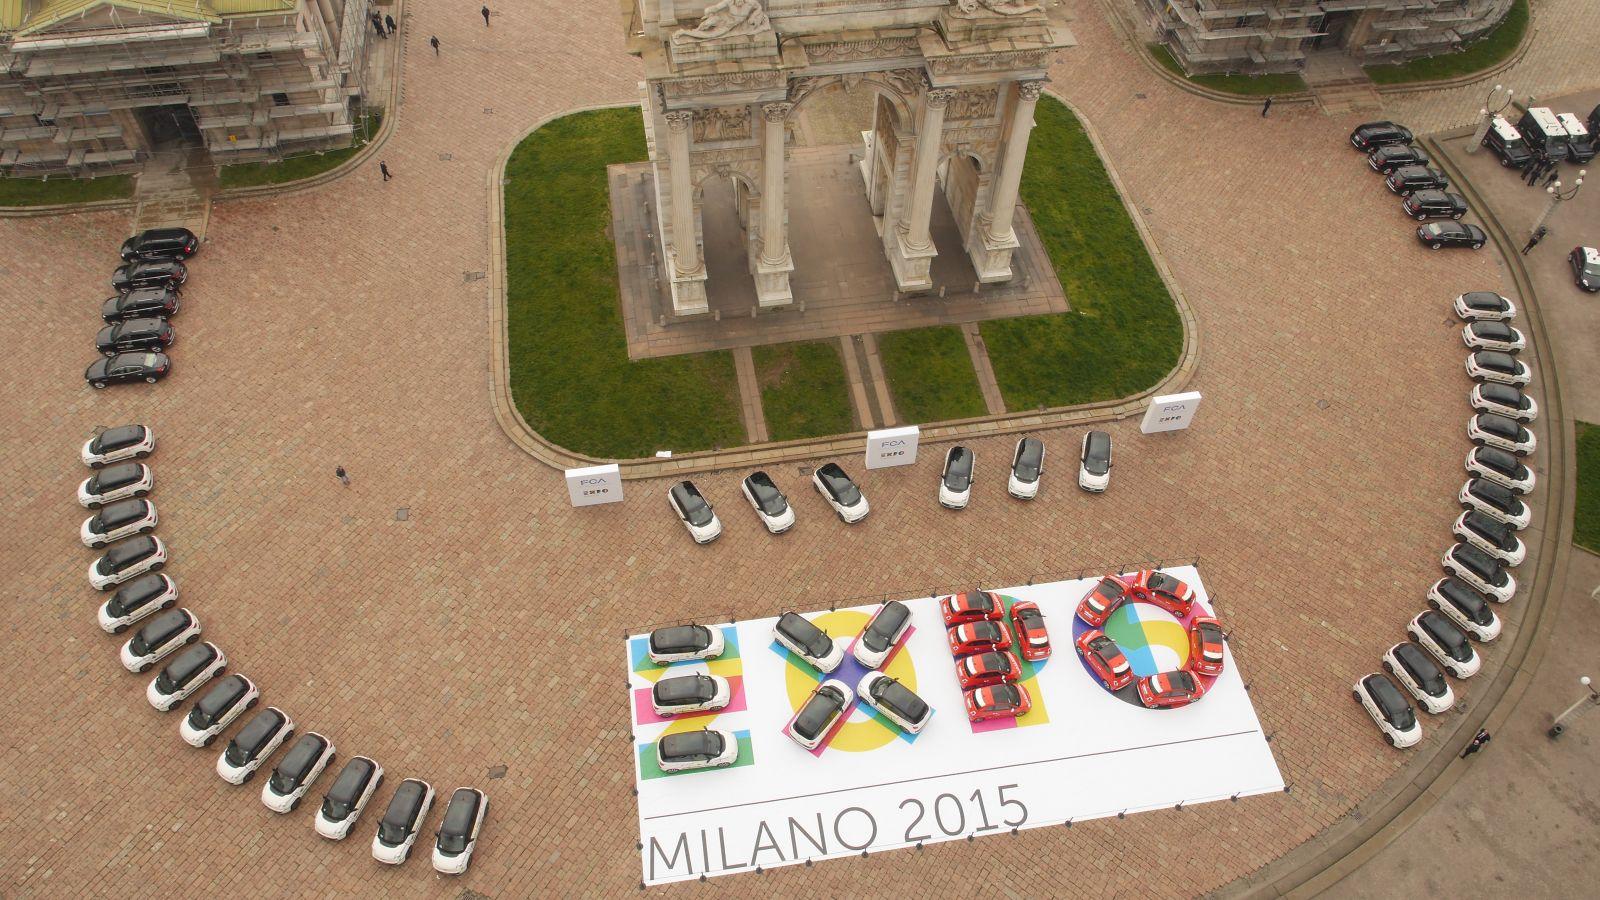 FCA ed Expo Milano 2015: il bilancio